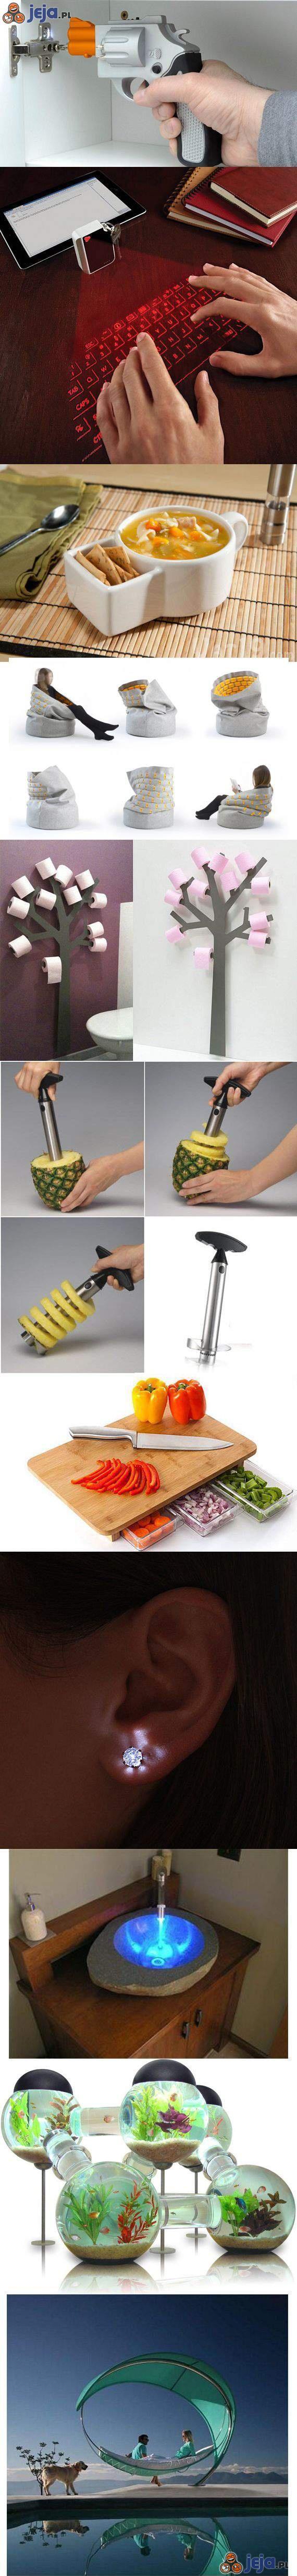 Ciekawe wynalazki